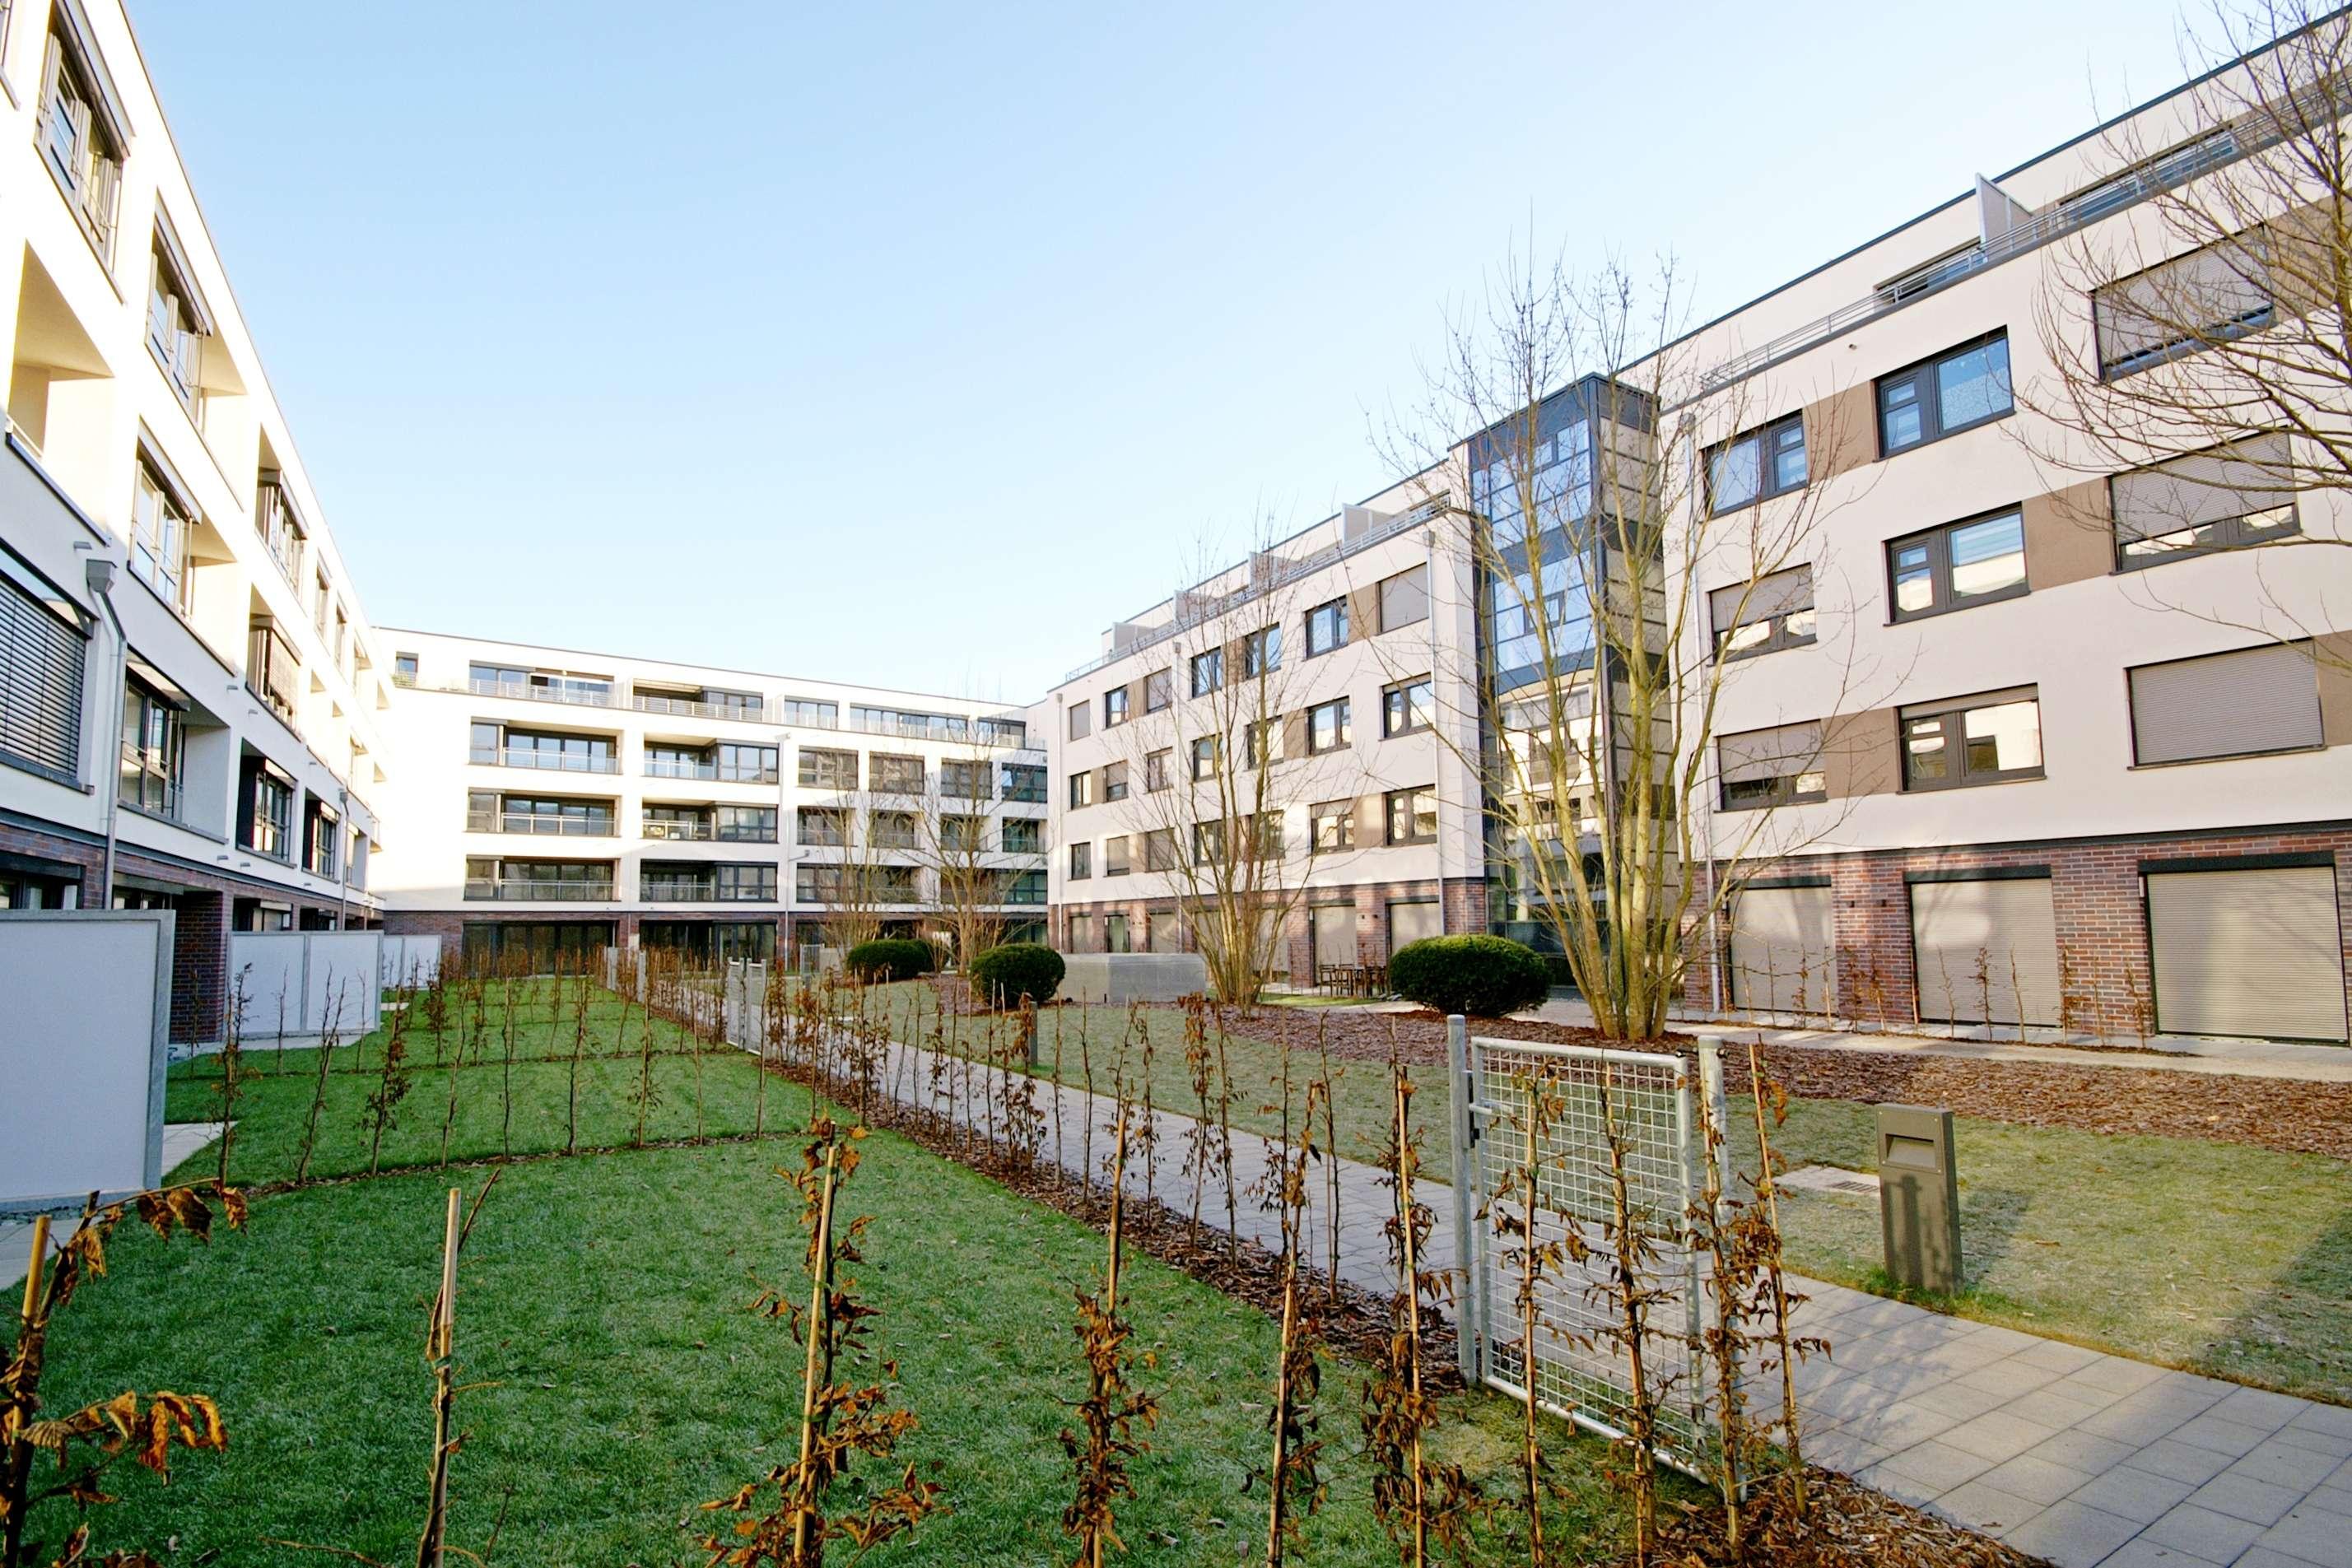 Stilvolle, neuwertige 1-Zimmer-Wohnung mit Balkon und EBK in Erlangen in Erlangen - Zentrum (Erlangen)